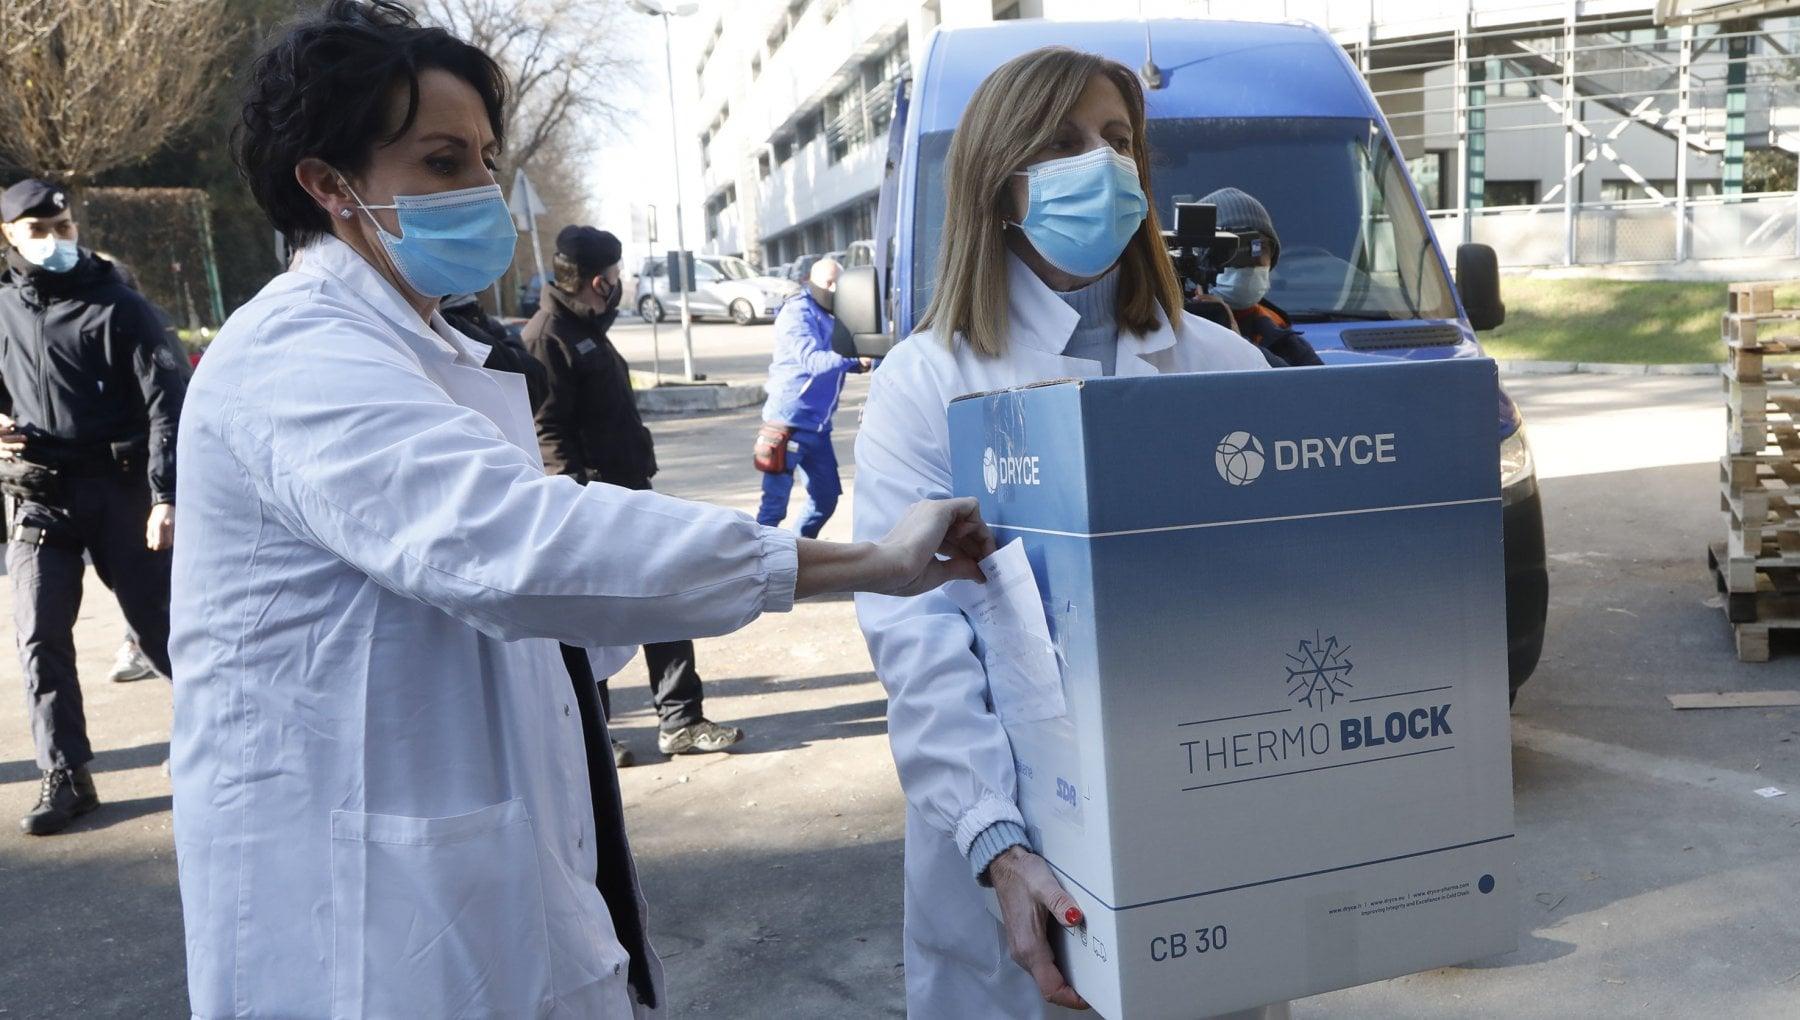 Le incognite della fase 2 ma Arcuri accelera sui vaccini agli over 80